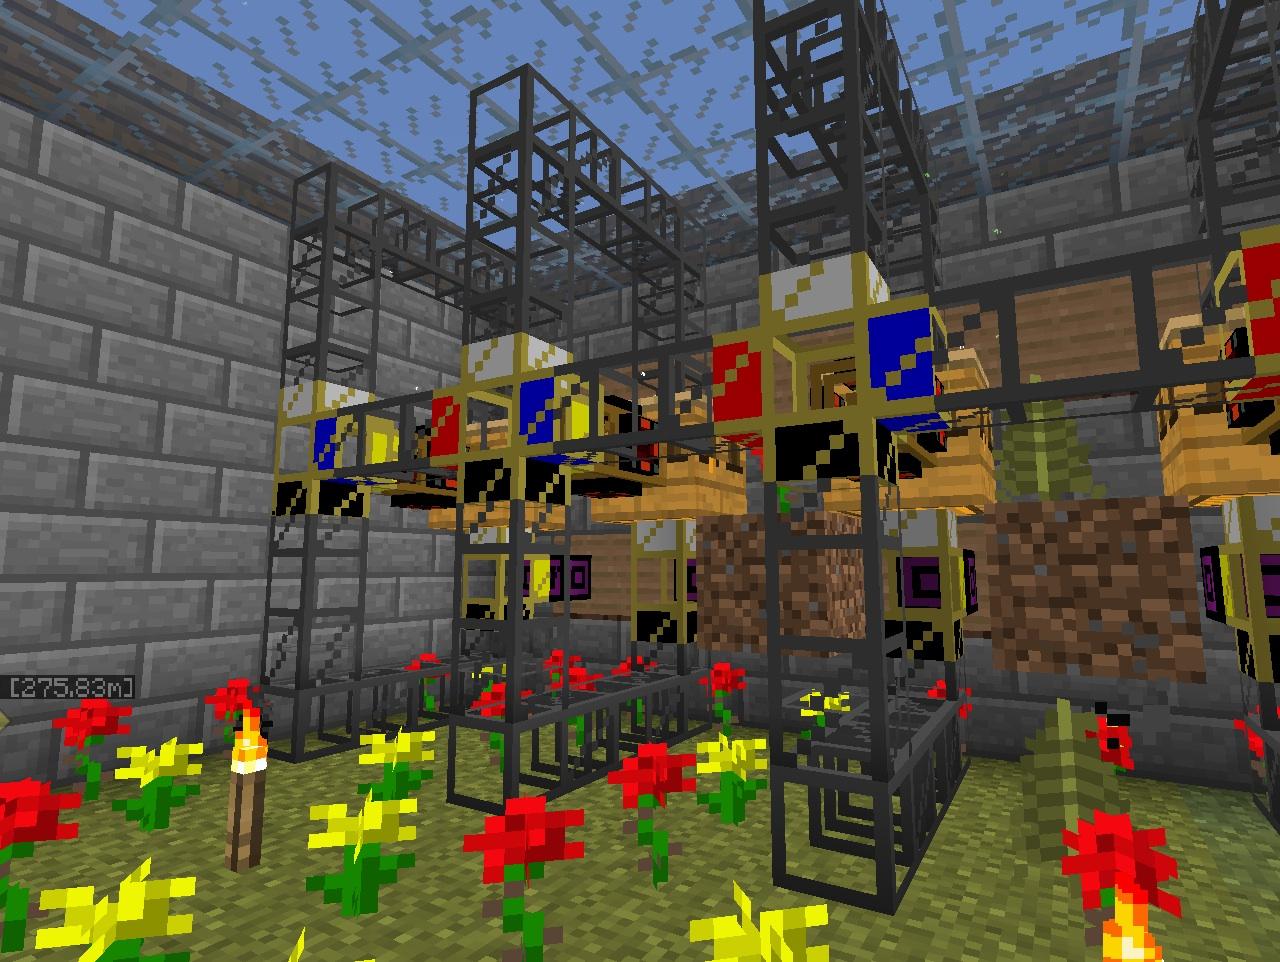 скачать аддон Extra Bees для Minecraft 1 7 10